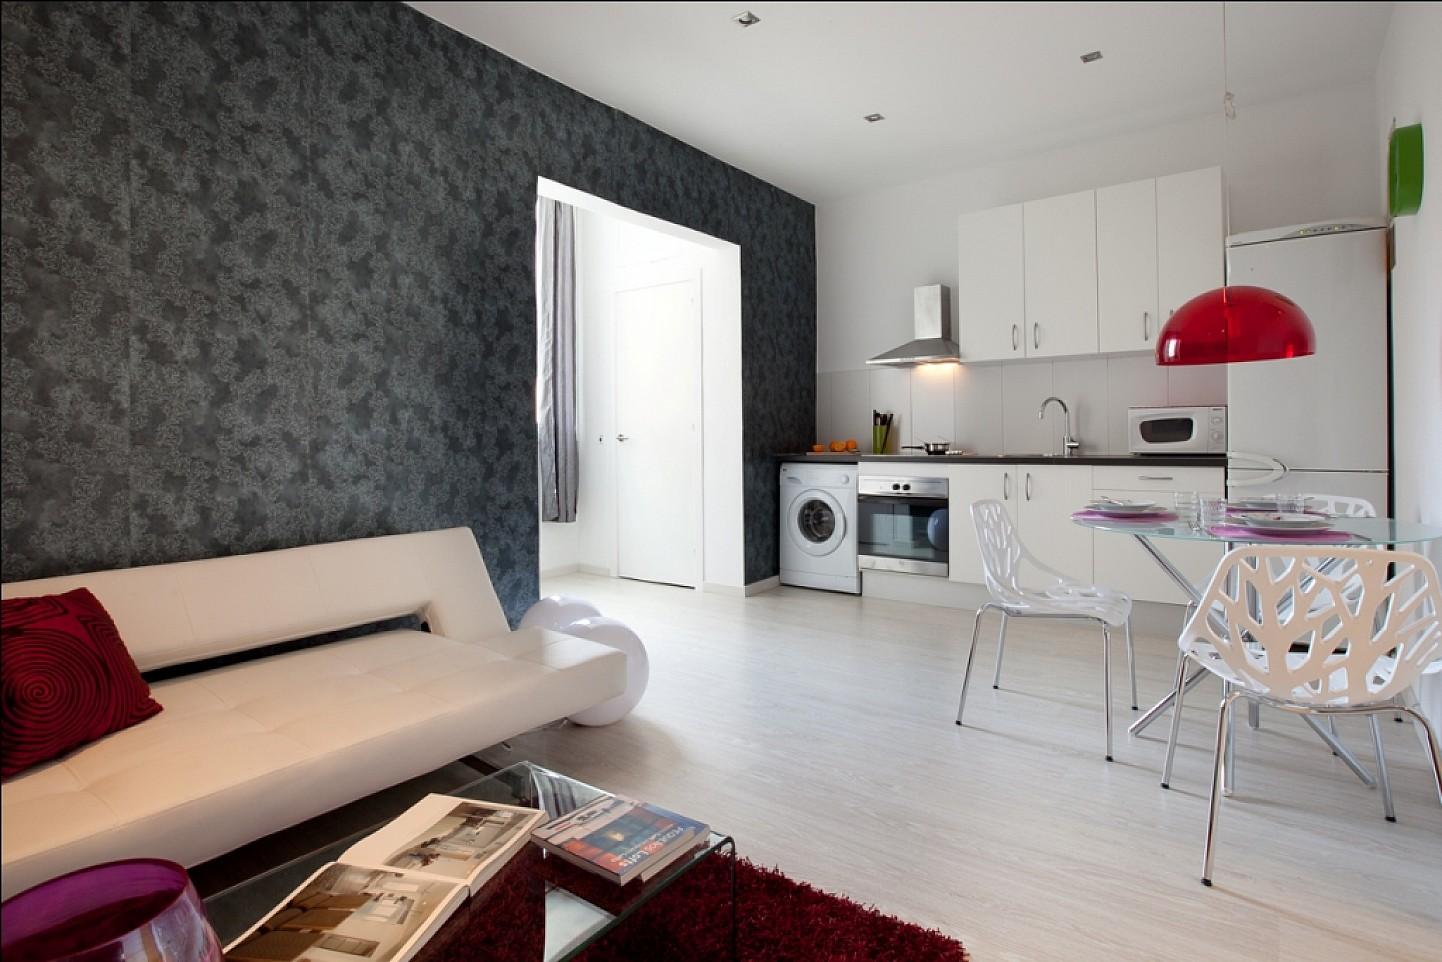 Огромная, удобная гостиная и офис-кухня в отличной квартире в аренду в Барселона